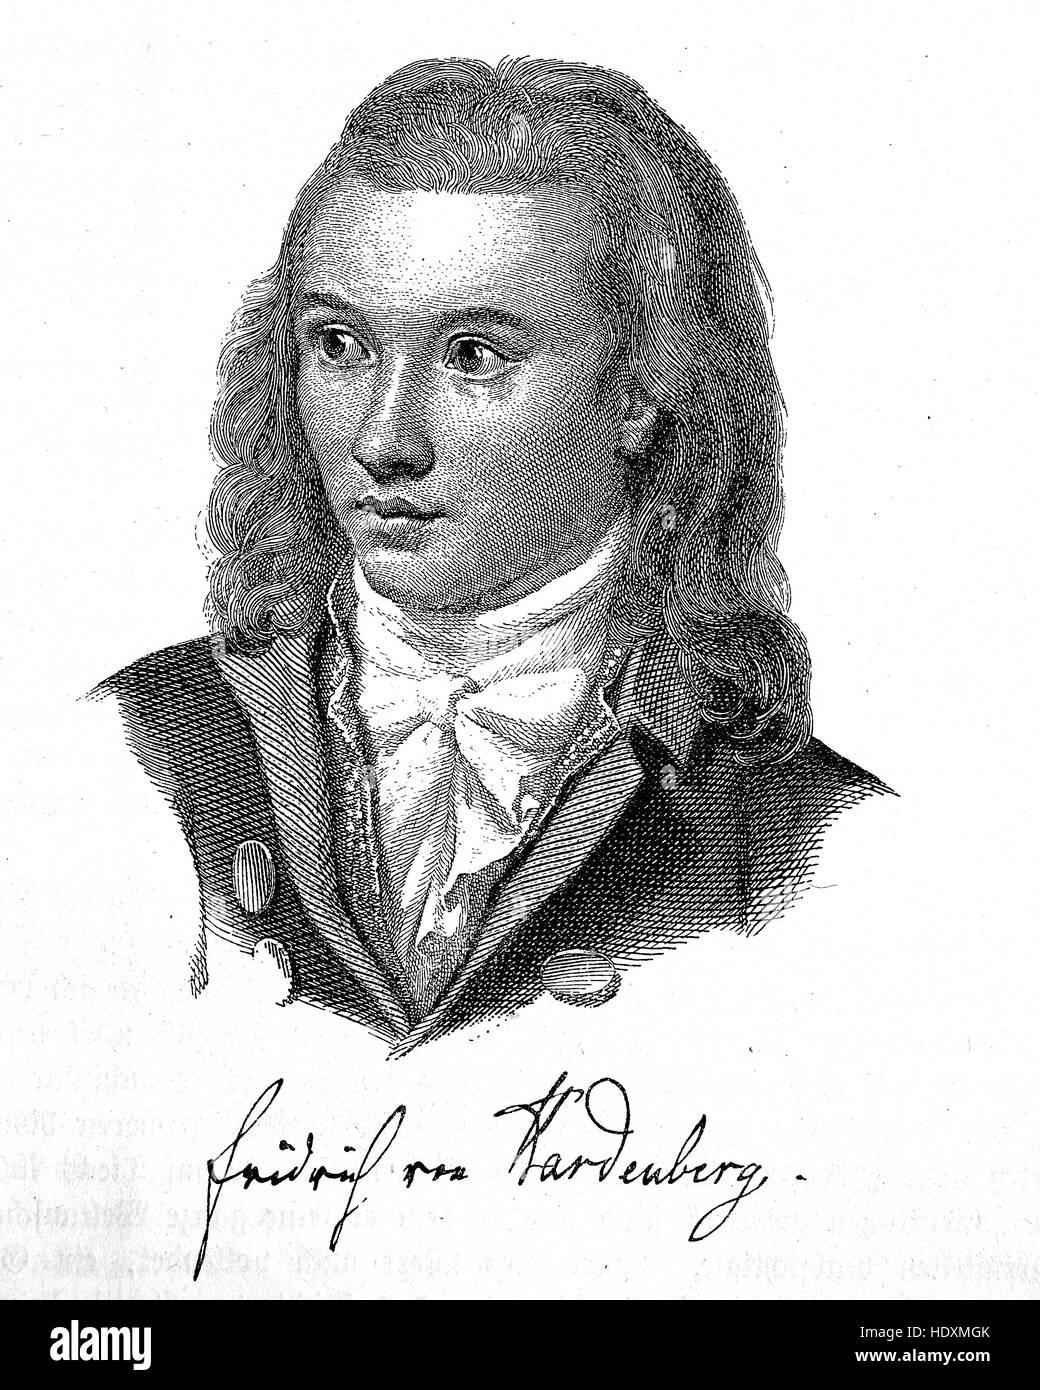 Novalis war das Pseudonym und Pseudonym von Georg Philipp Friedrich Freiherr von Hardenberg, 1772-1801, ein Dichter, Stockbild